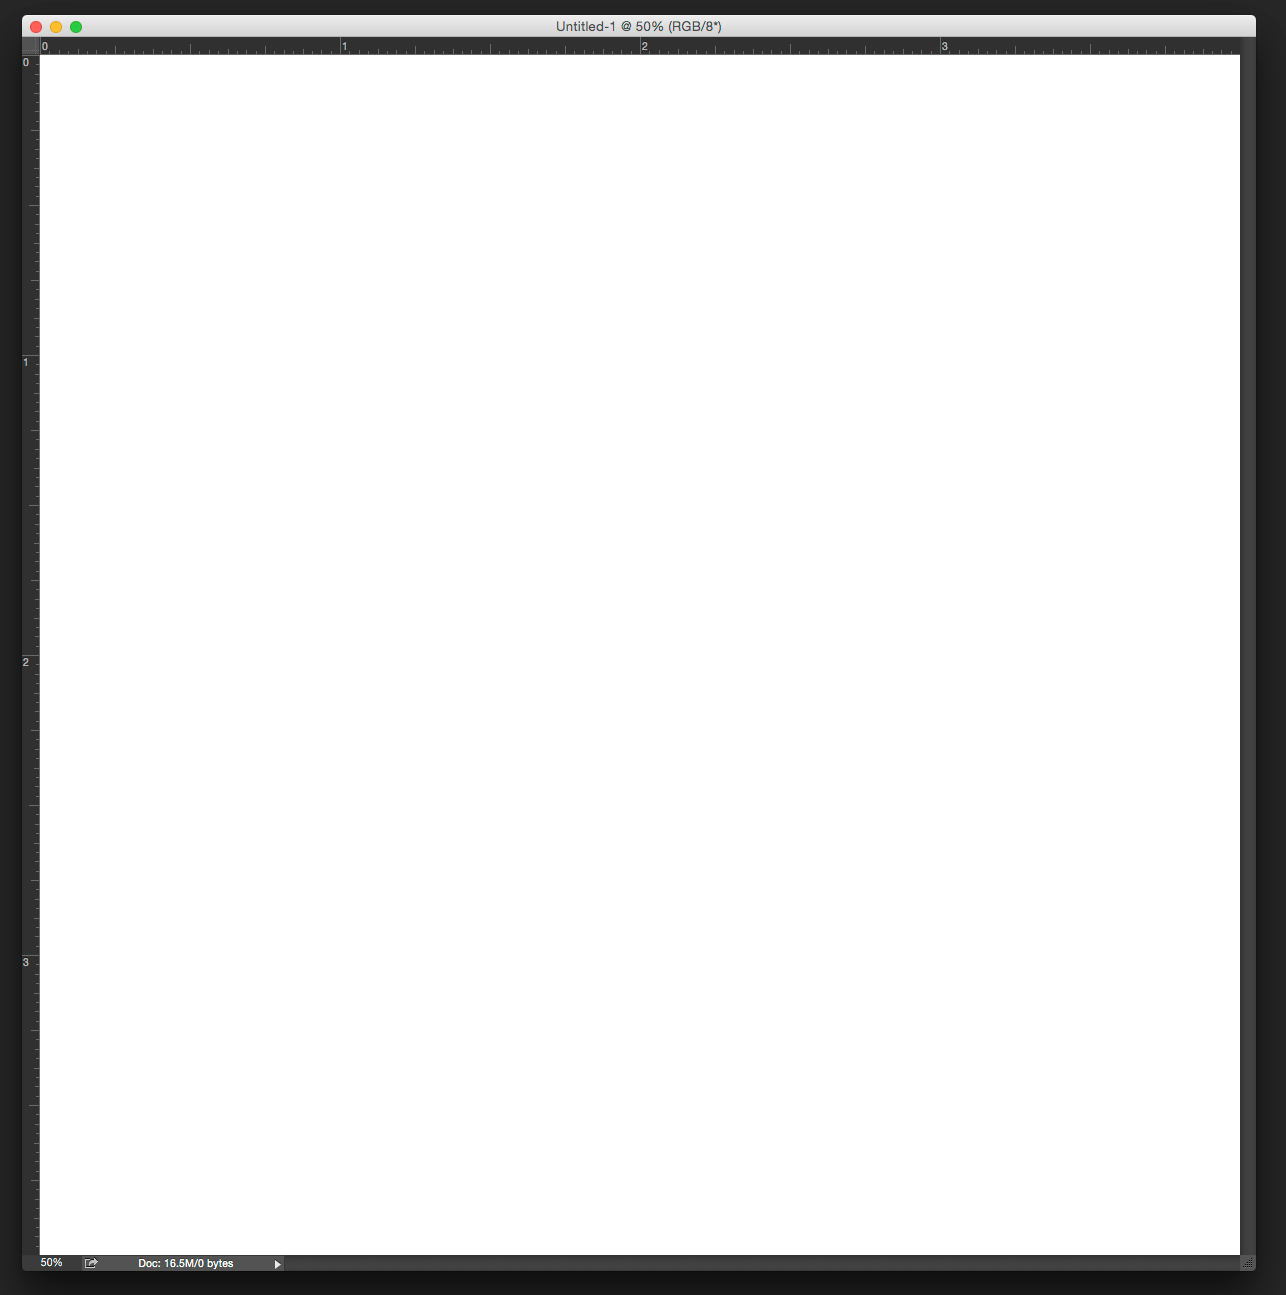 wacom-new-image